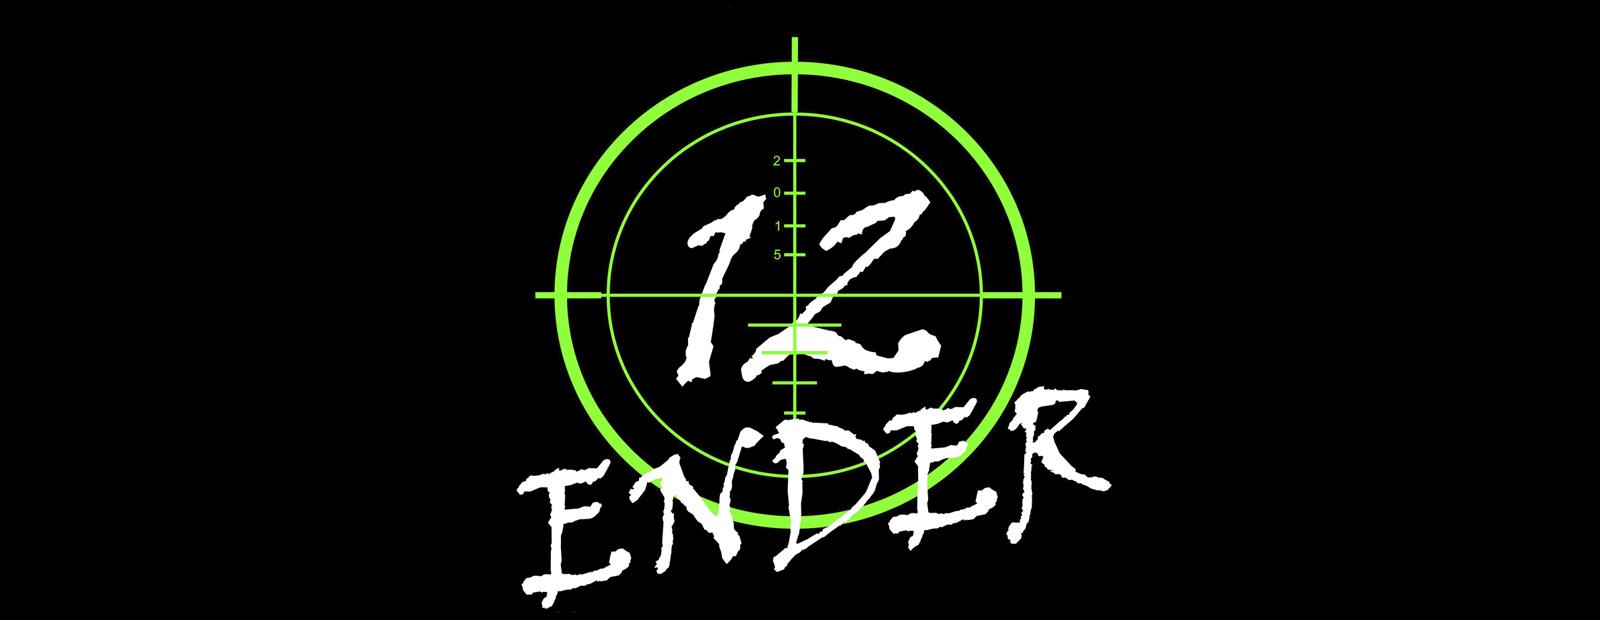 12ender